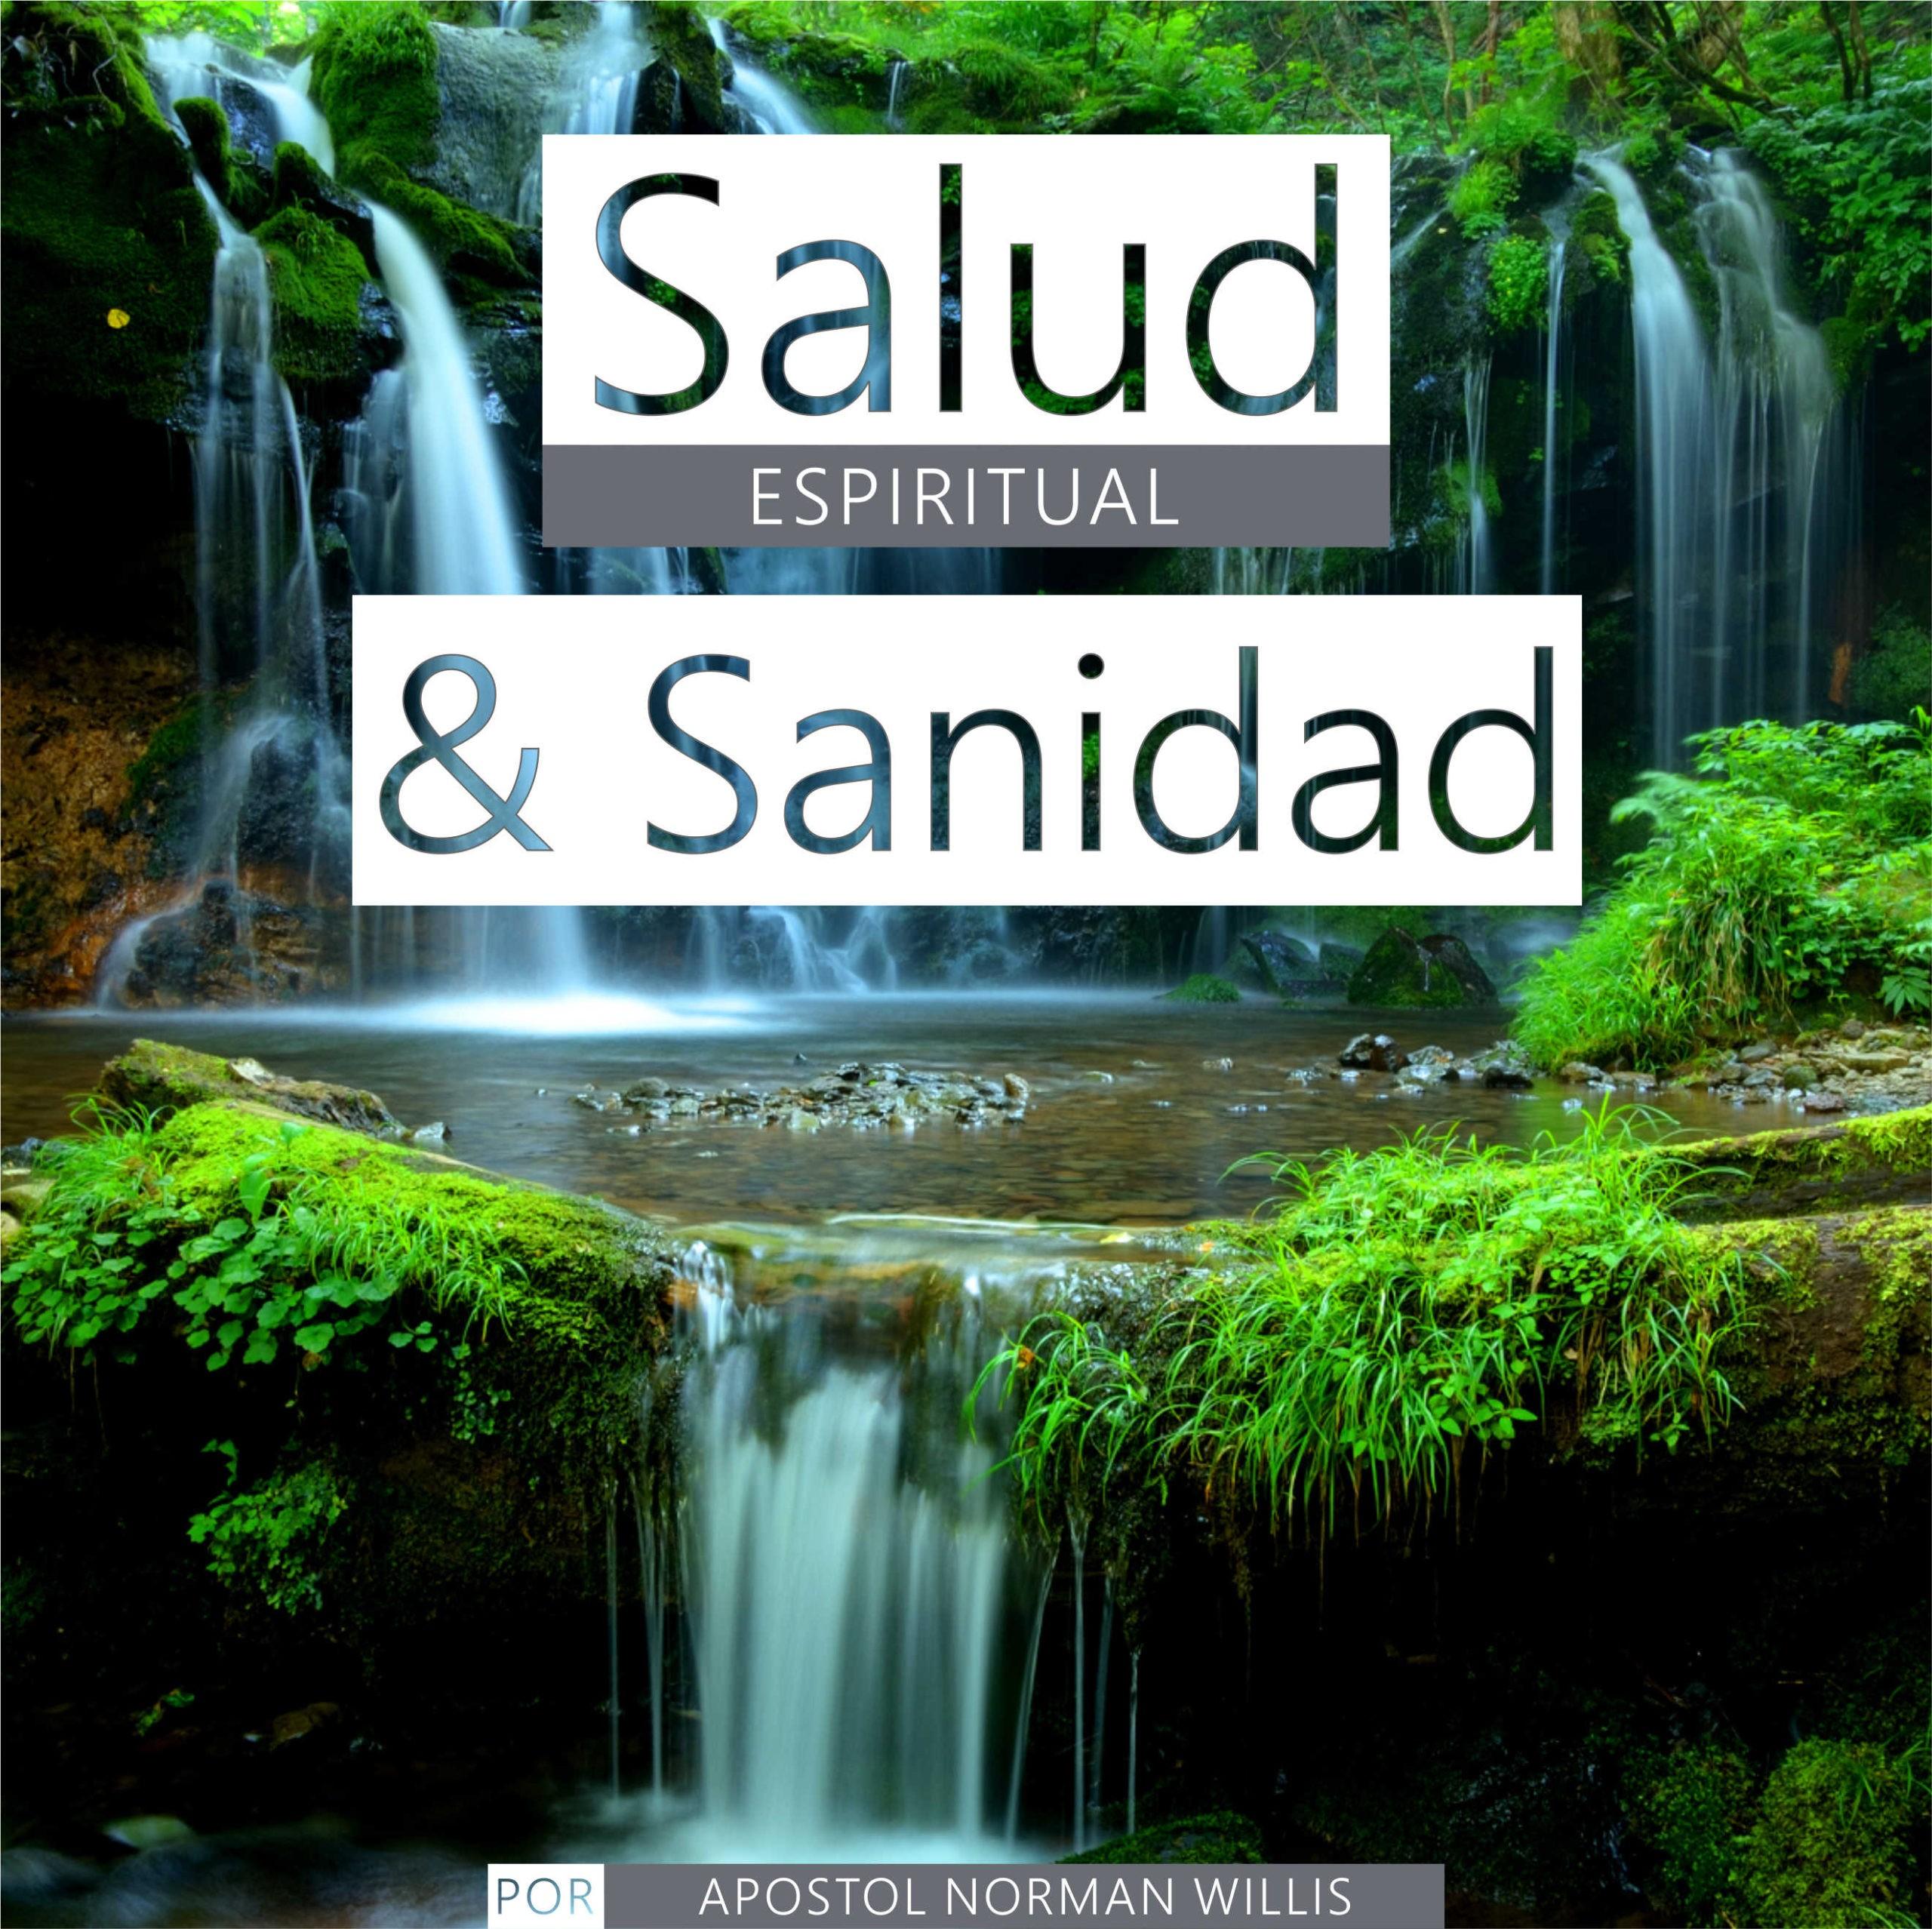 Salud Espiritual y Sanidad